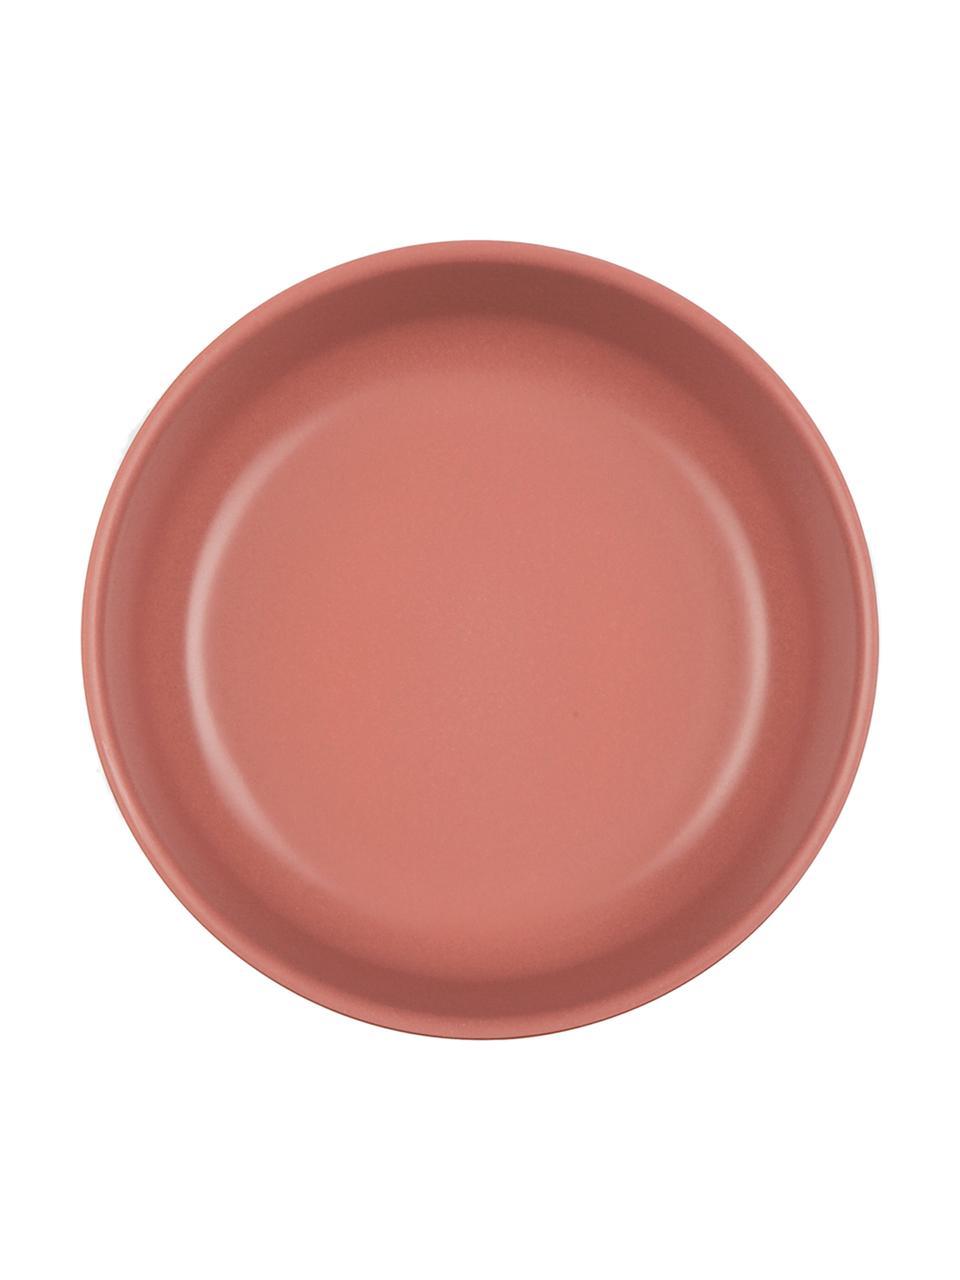 Set ciotole in bambù Bambino 4 pz, Fibra di bambù, melamina, adatto per alimenti Senza BPA, PVC e ftalati, Salmone, grigio chiaro, grigio, rosso terracotta, Ø 15 x Alt. 5 cm